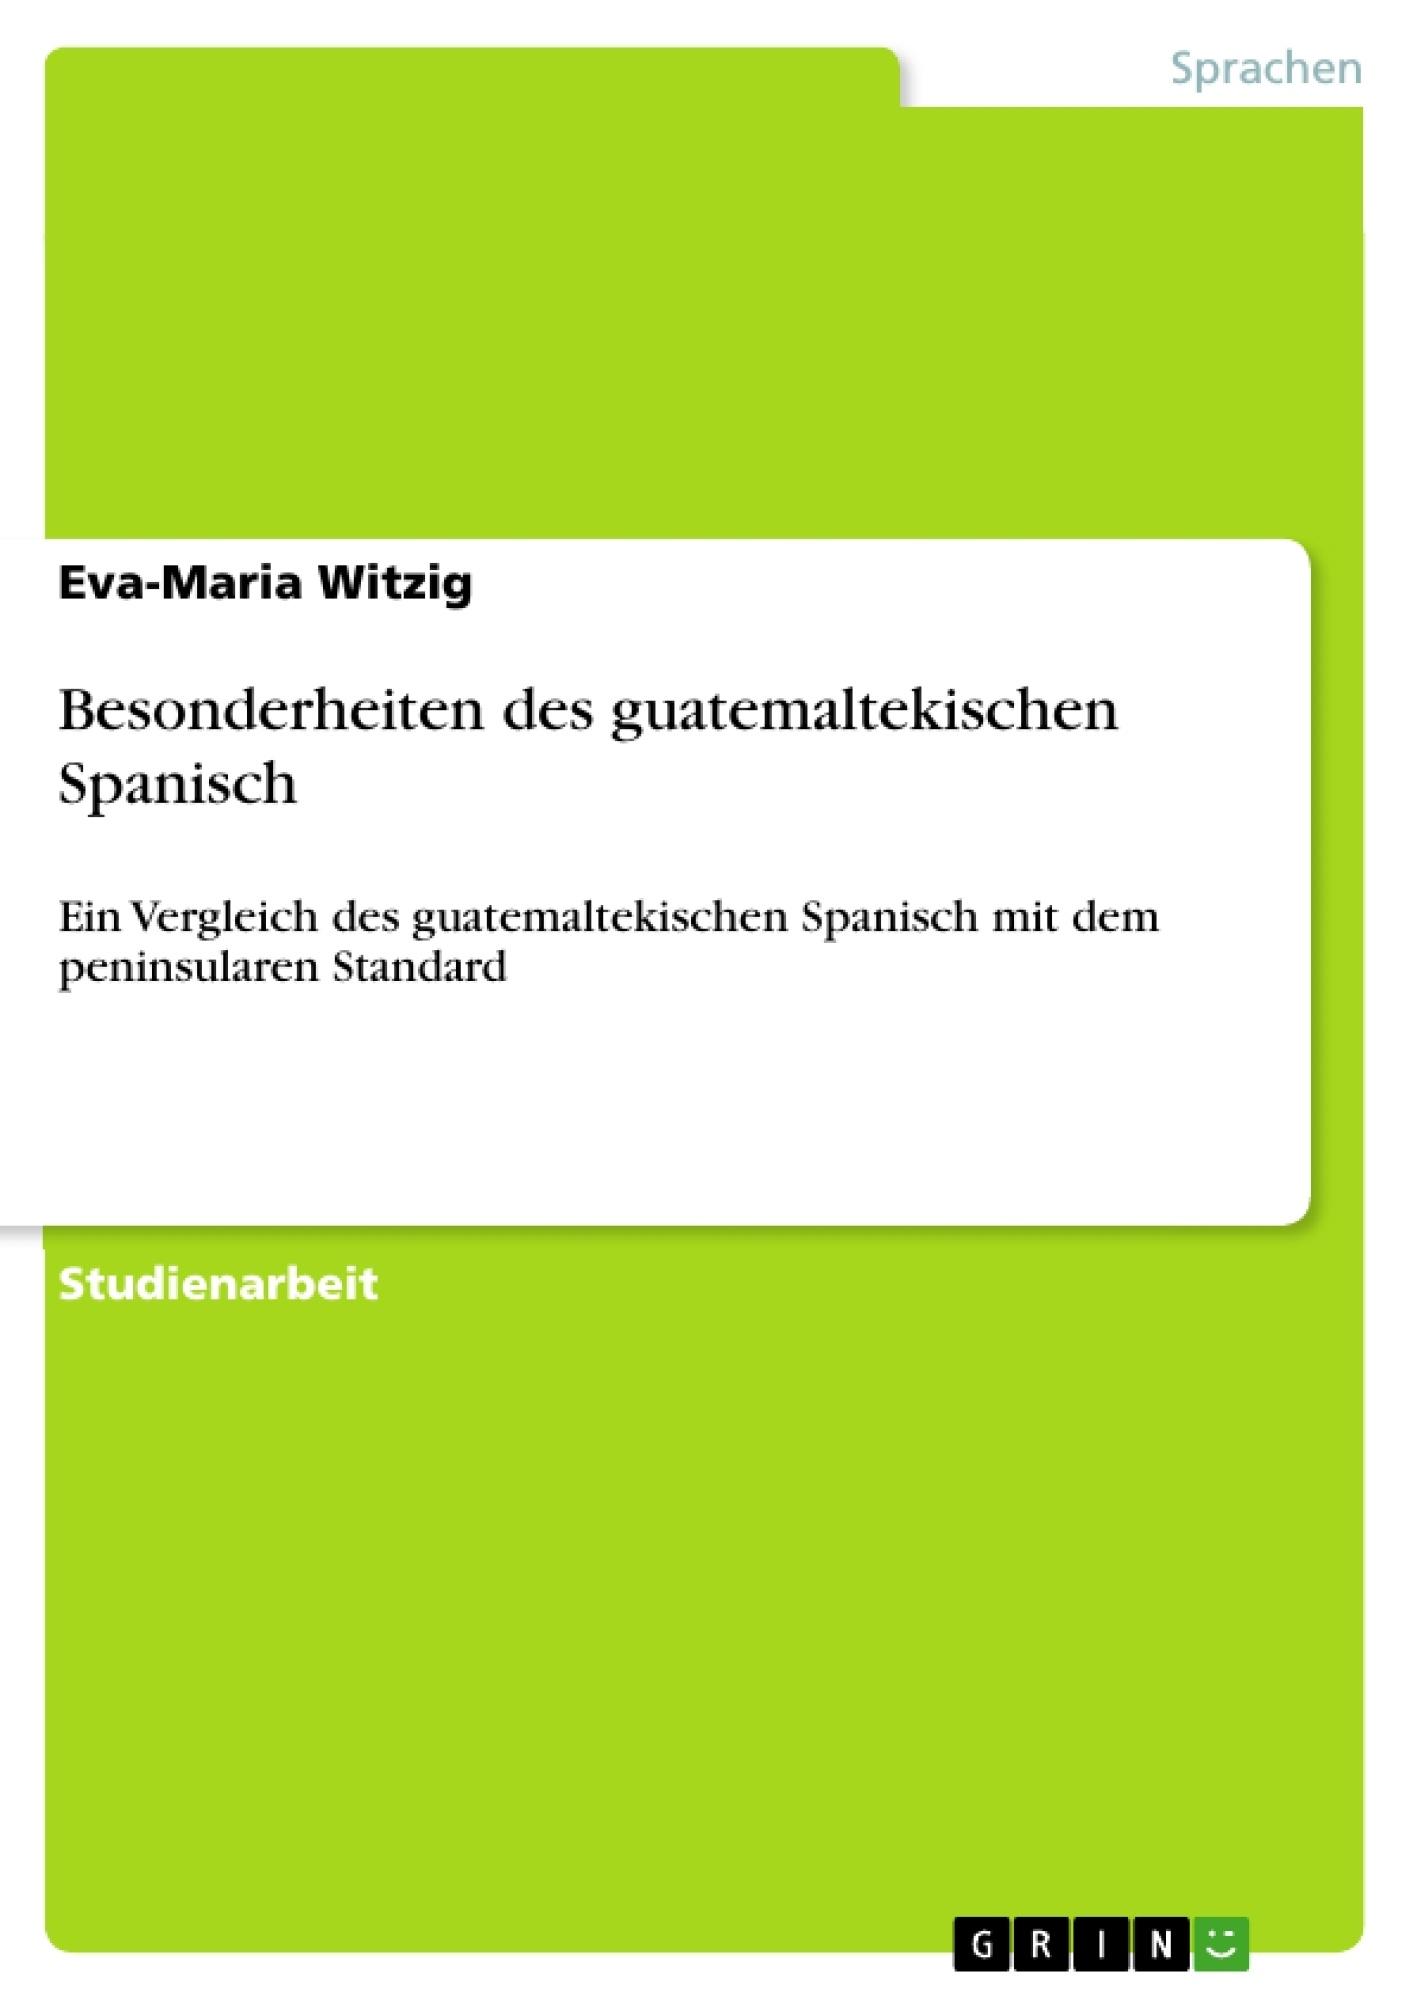 Titel: Besonderheiten des guatemaltekischen Spanisch